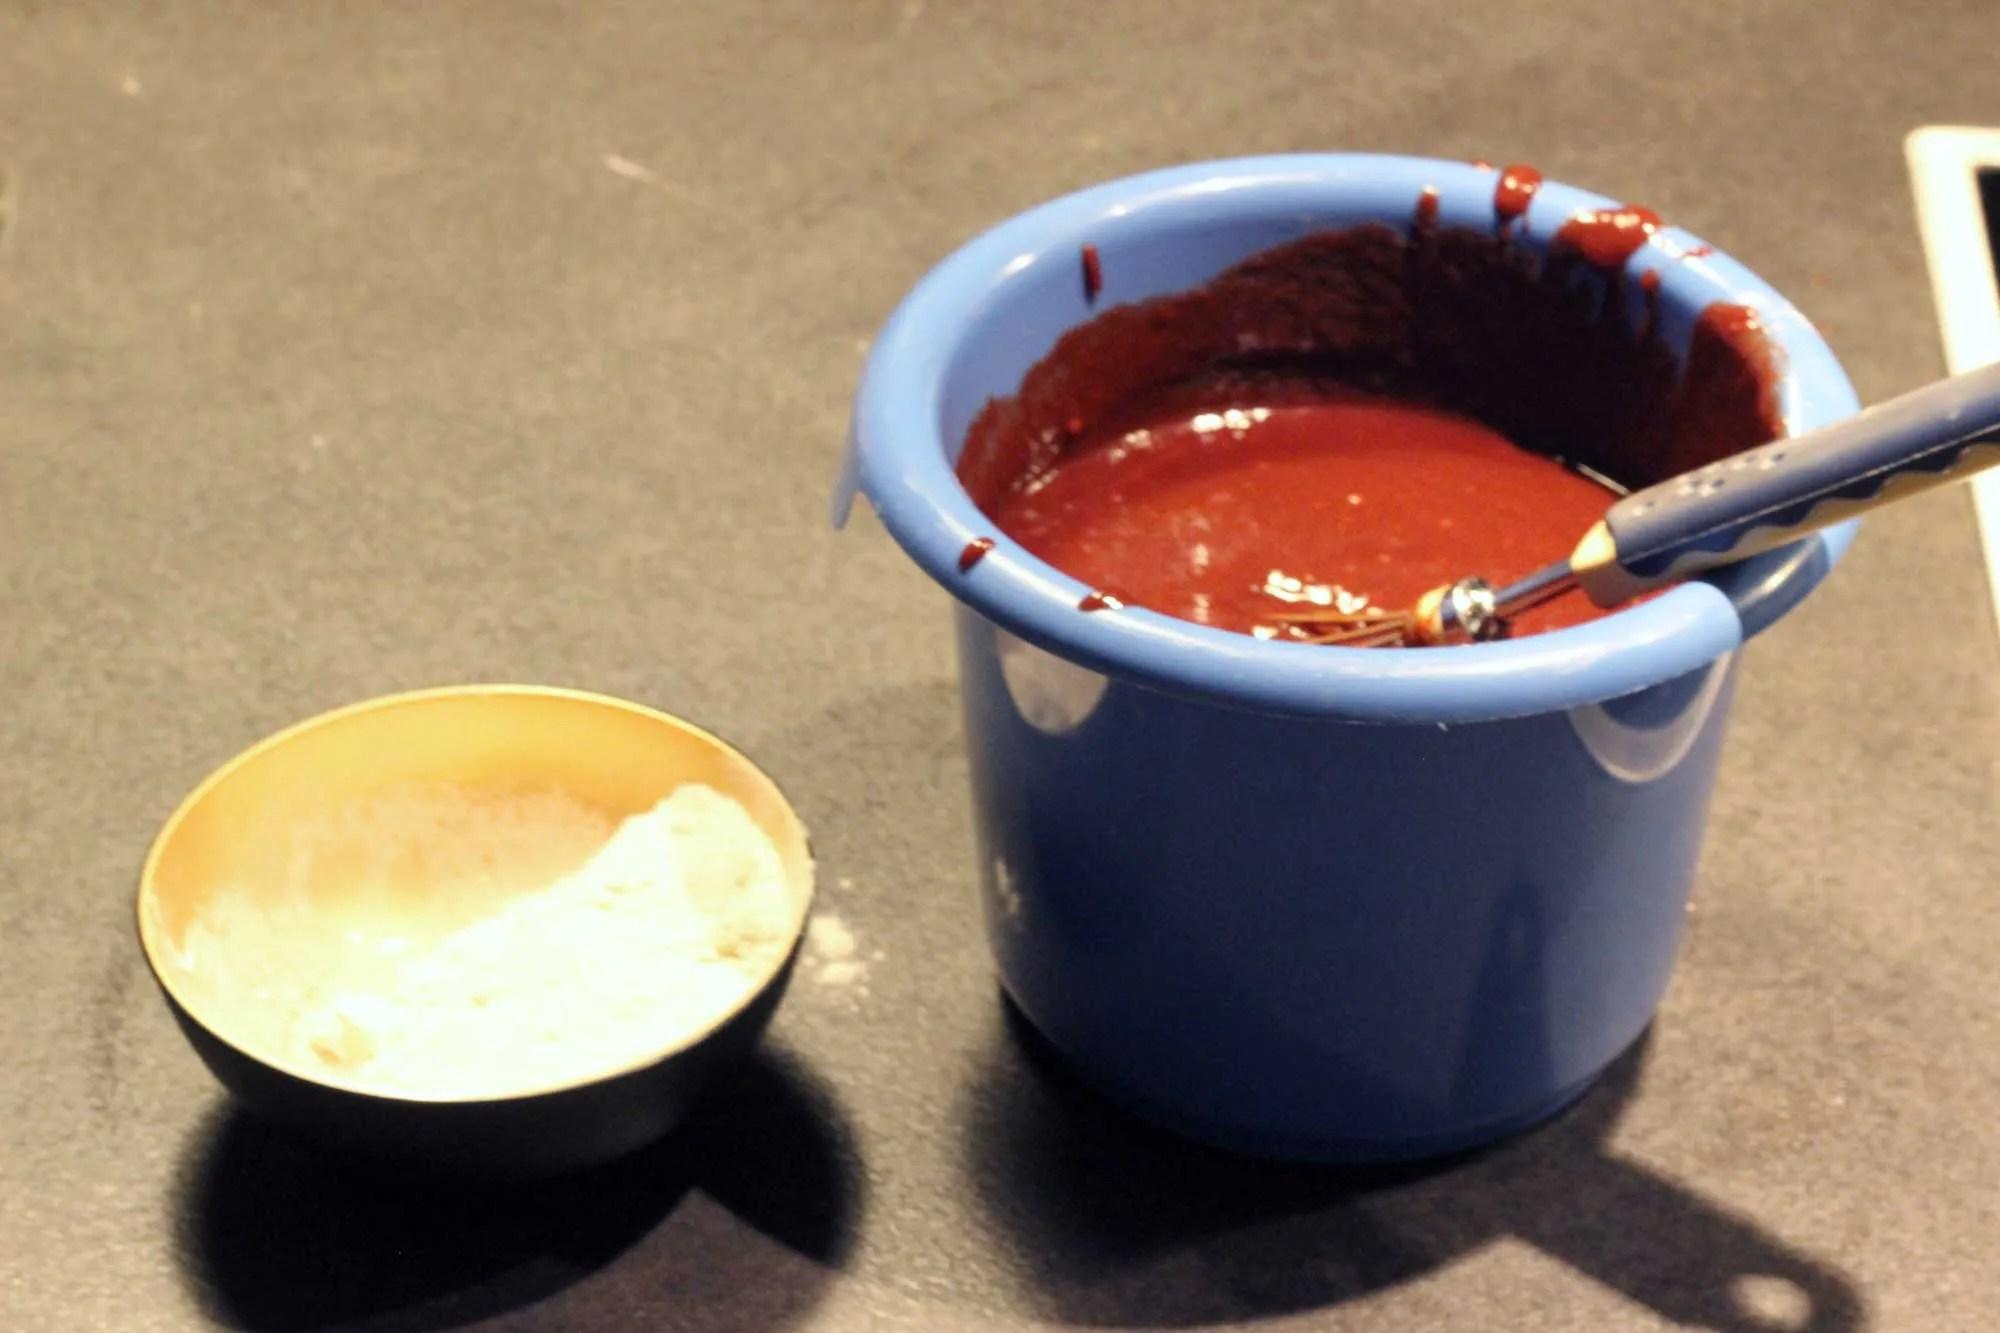 Dann das Mehl die Pose Salz und zum Schluß einen Schuss Rum einrühren